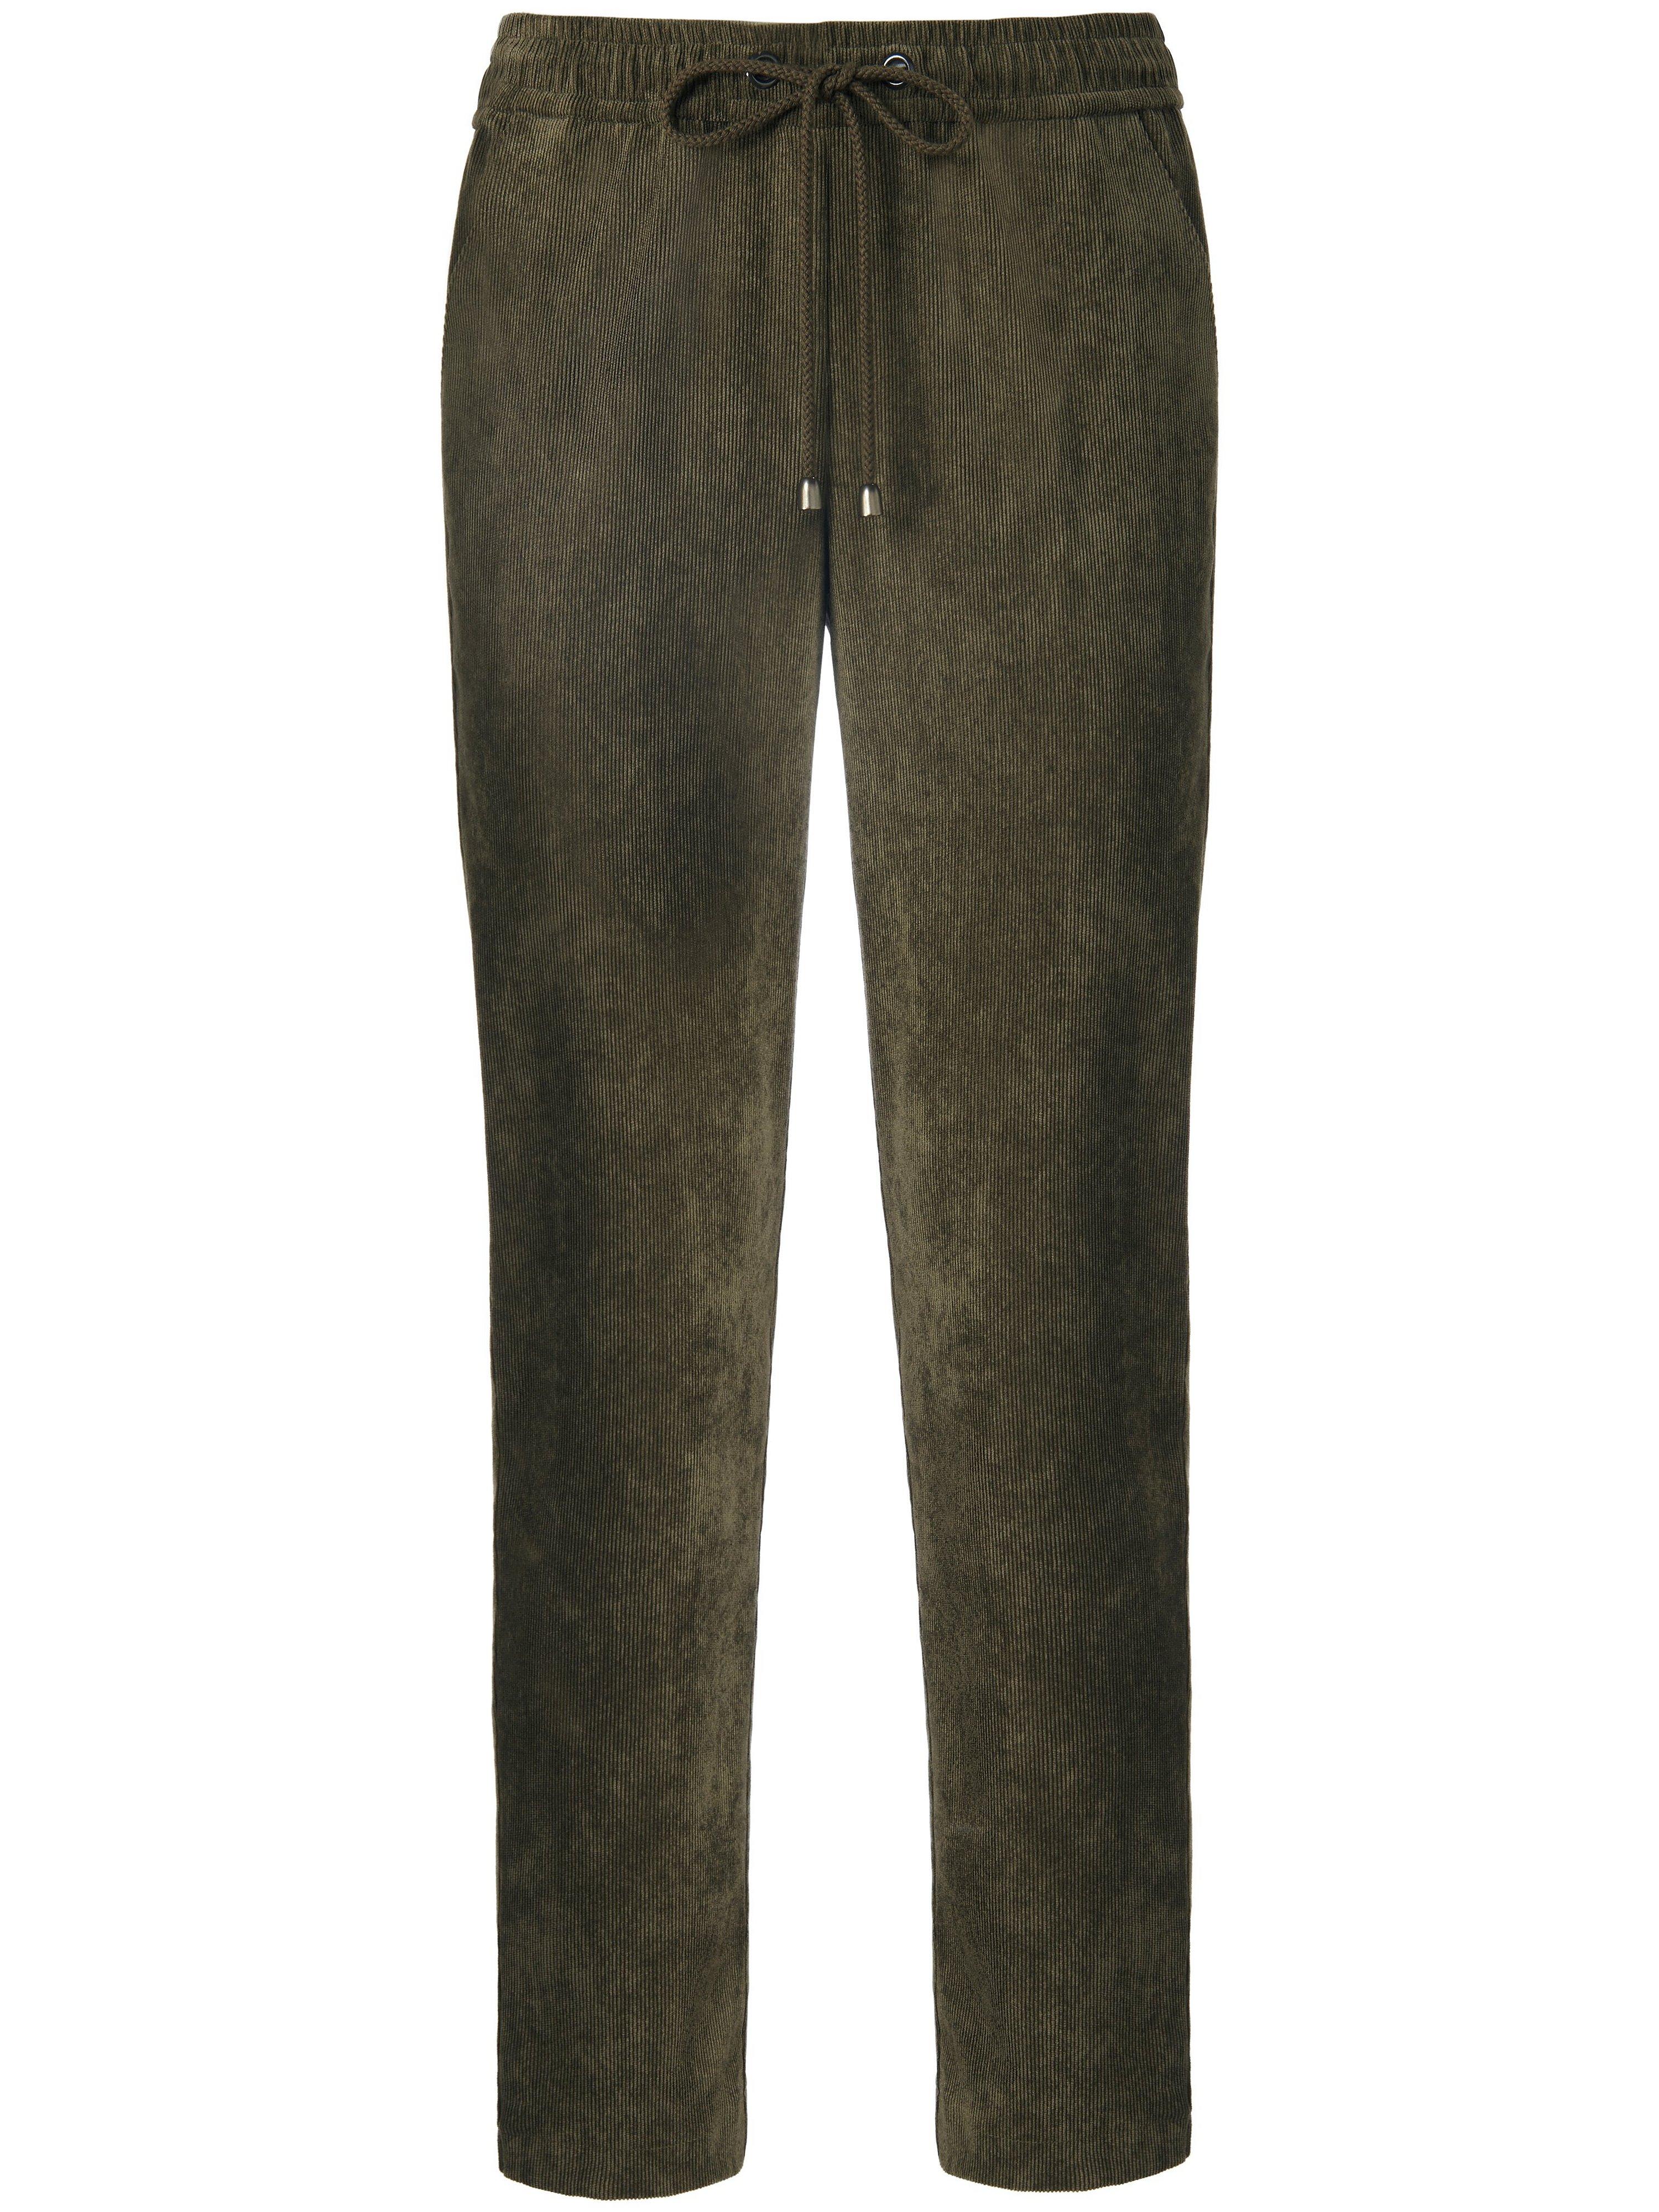 Enkellange fijncord broek pasvorm Barbara Van Peter Hahn groen